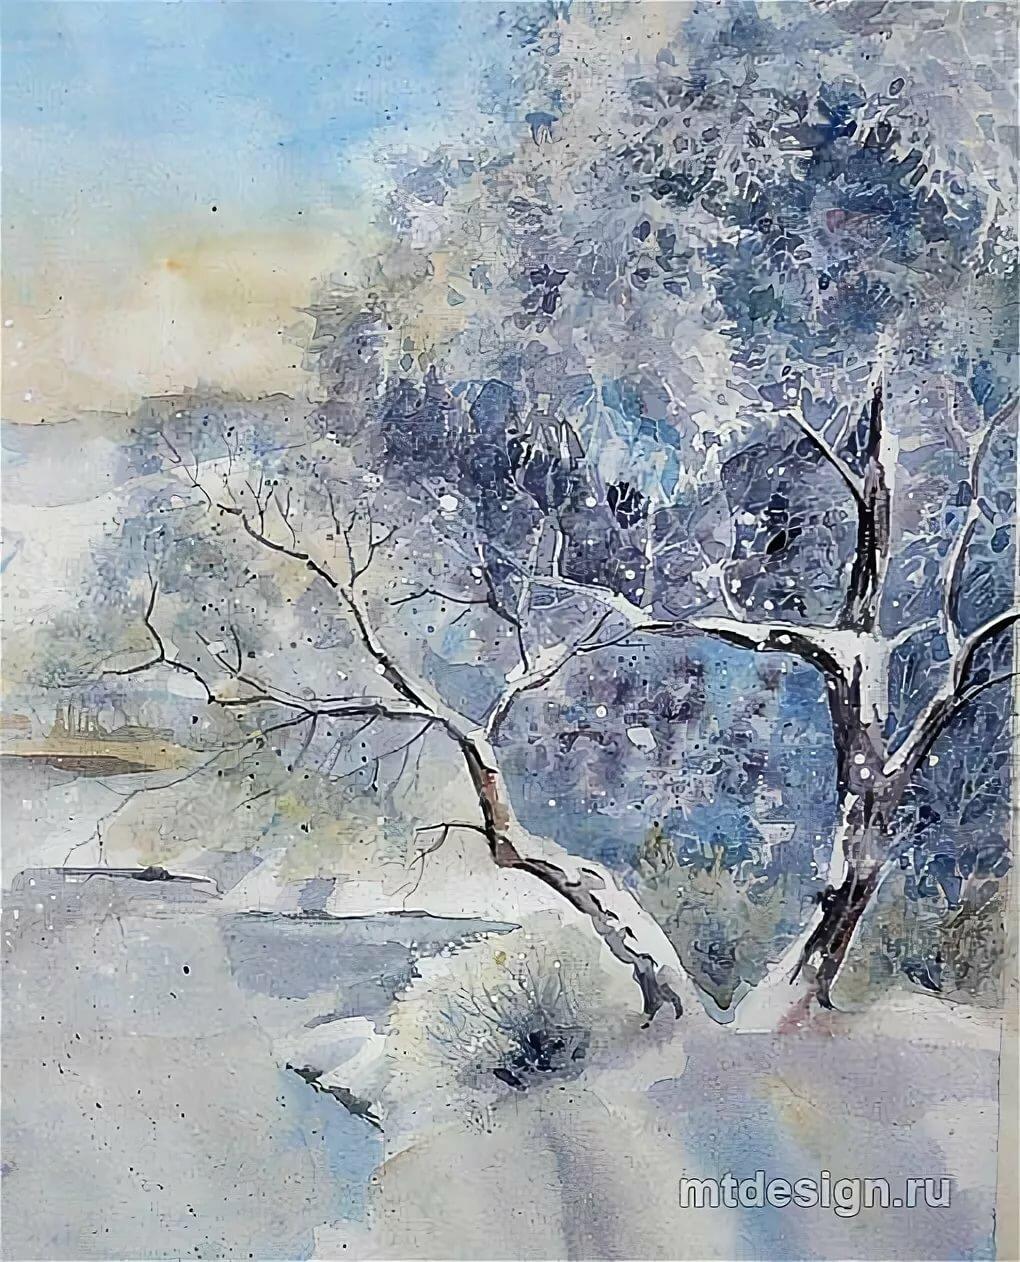 званий природа акварелью картинки зима том далеком ноябре